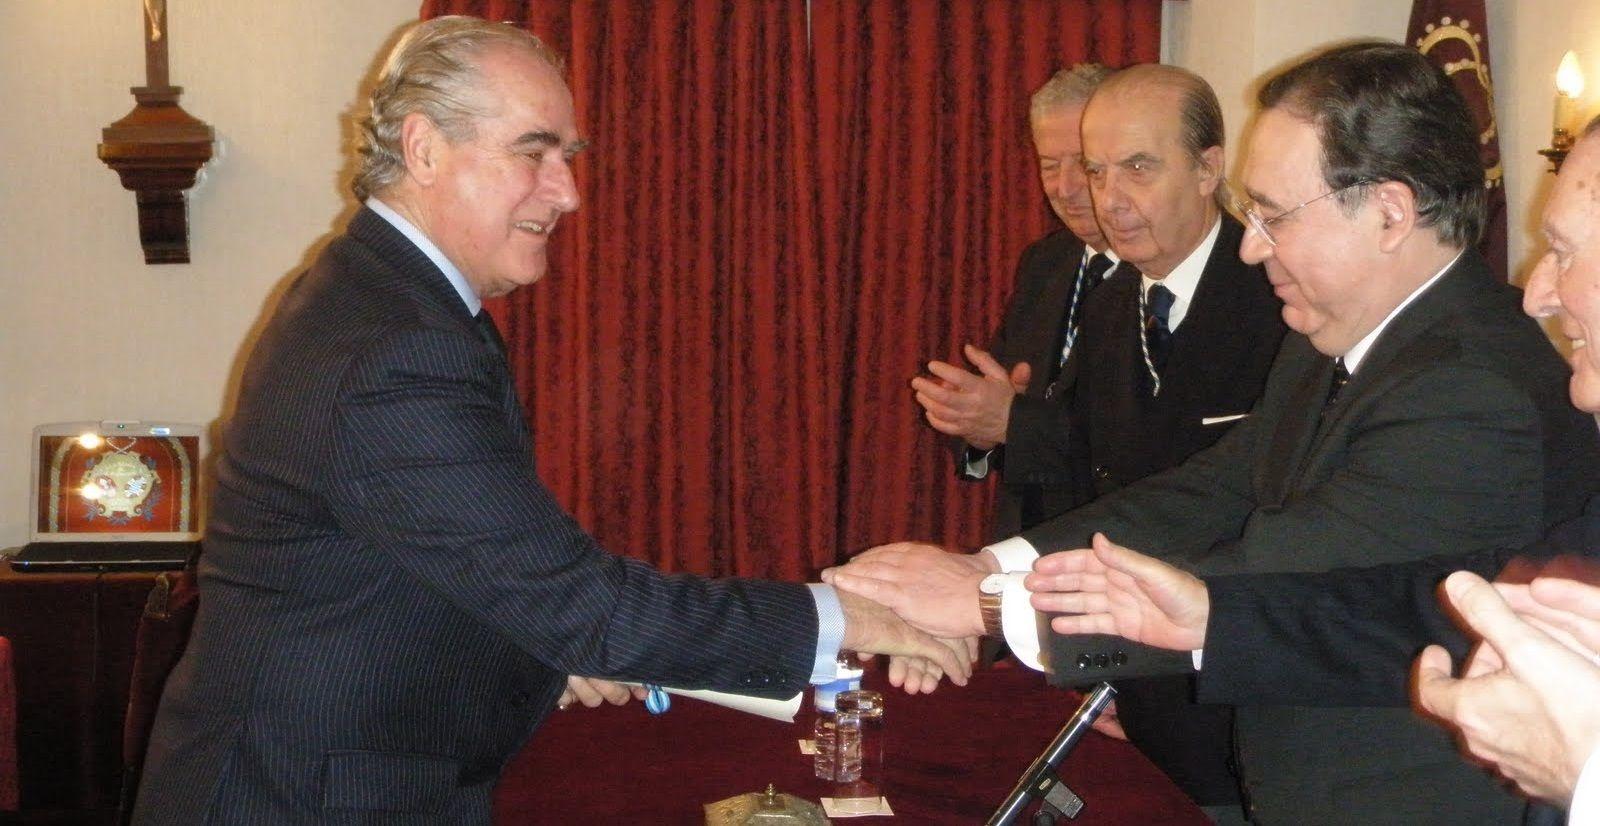 Imagen del acto de ingreso como Académico Numerario de Manuel Domecq Zurita en la Academia San Dionisio deCiencias, Artes y Letras el 20 de Junio de 2010